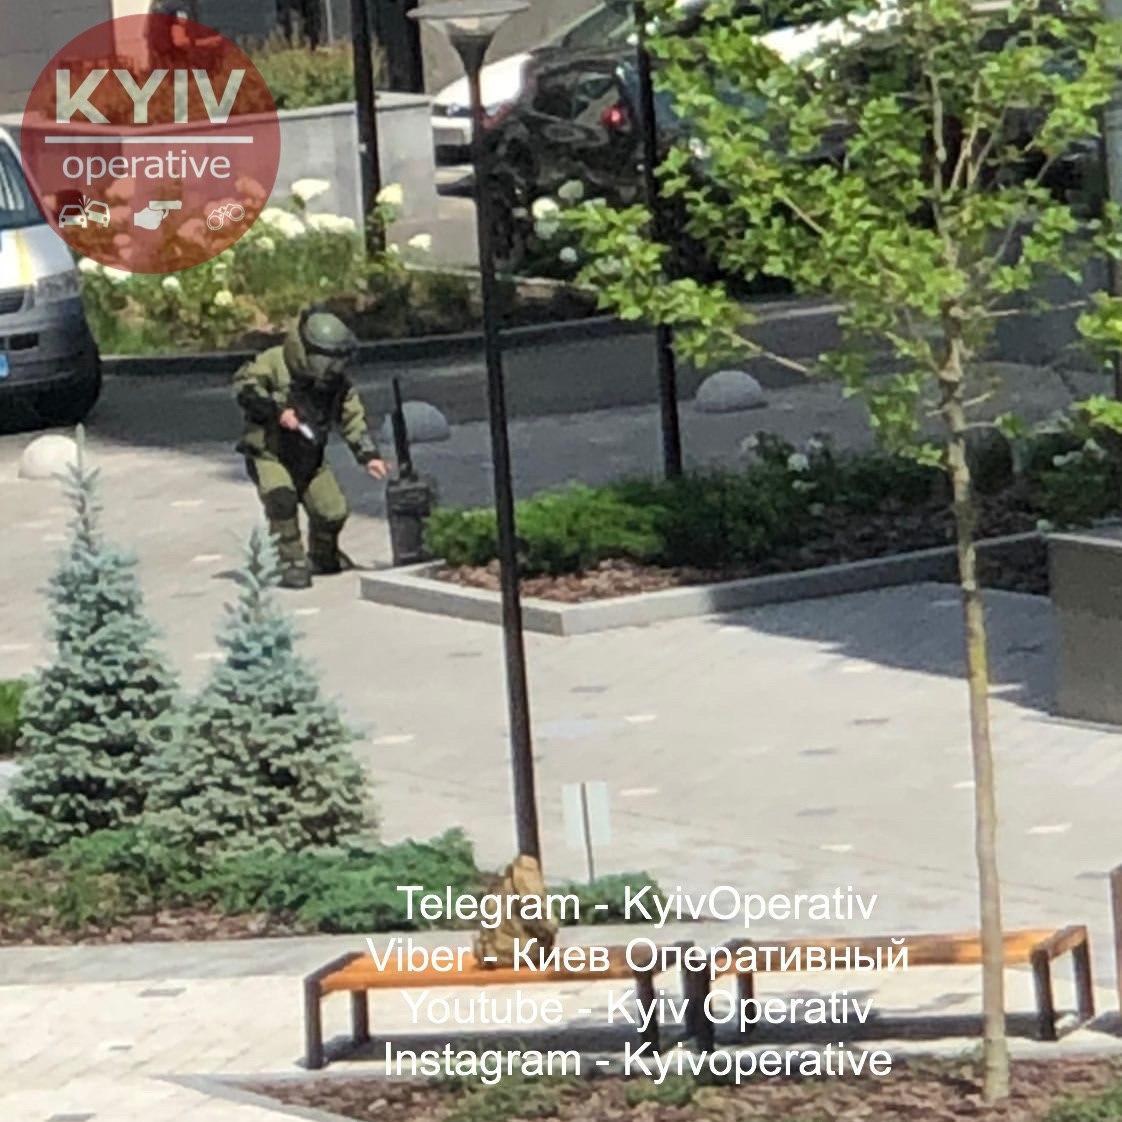 В Киеве снова нашли подозрительный рюкзак: на месте работают взрывотехники